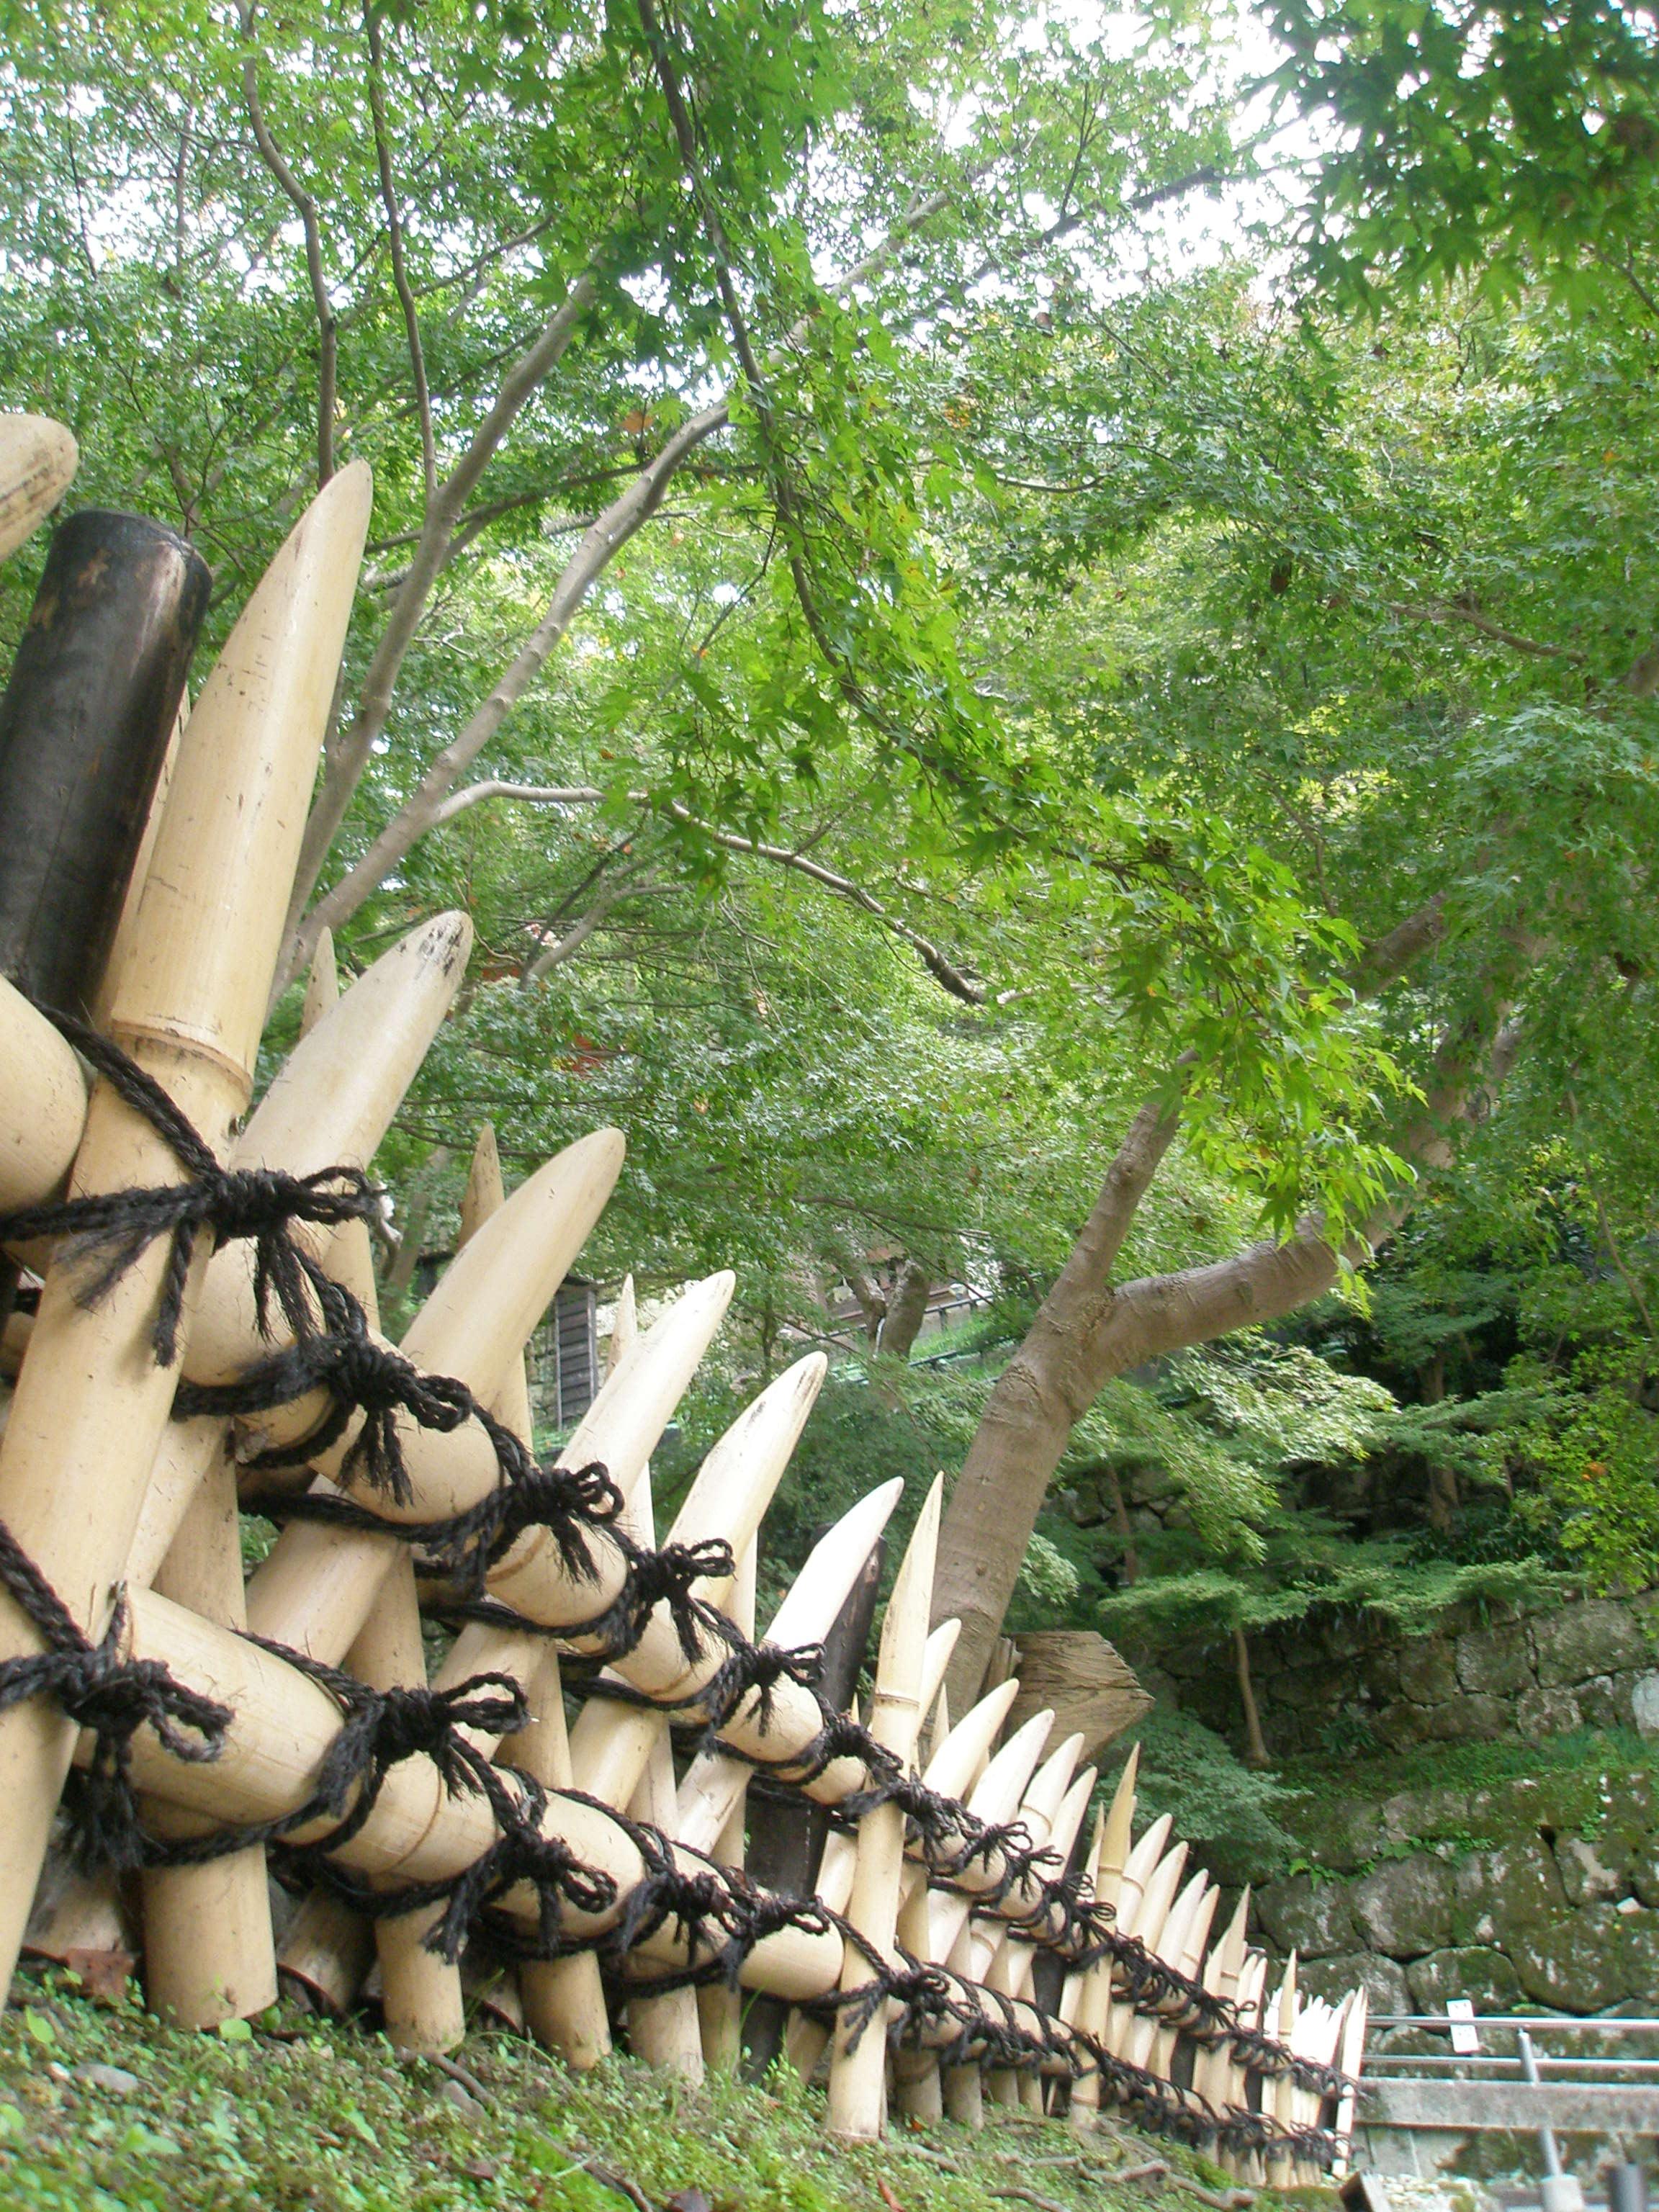 Images Gratuites : arbre, clôture, fleur, la perspective ...